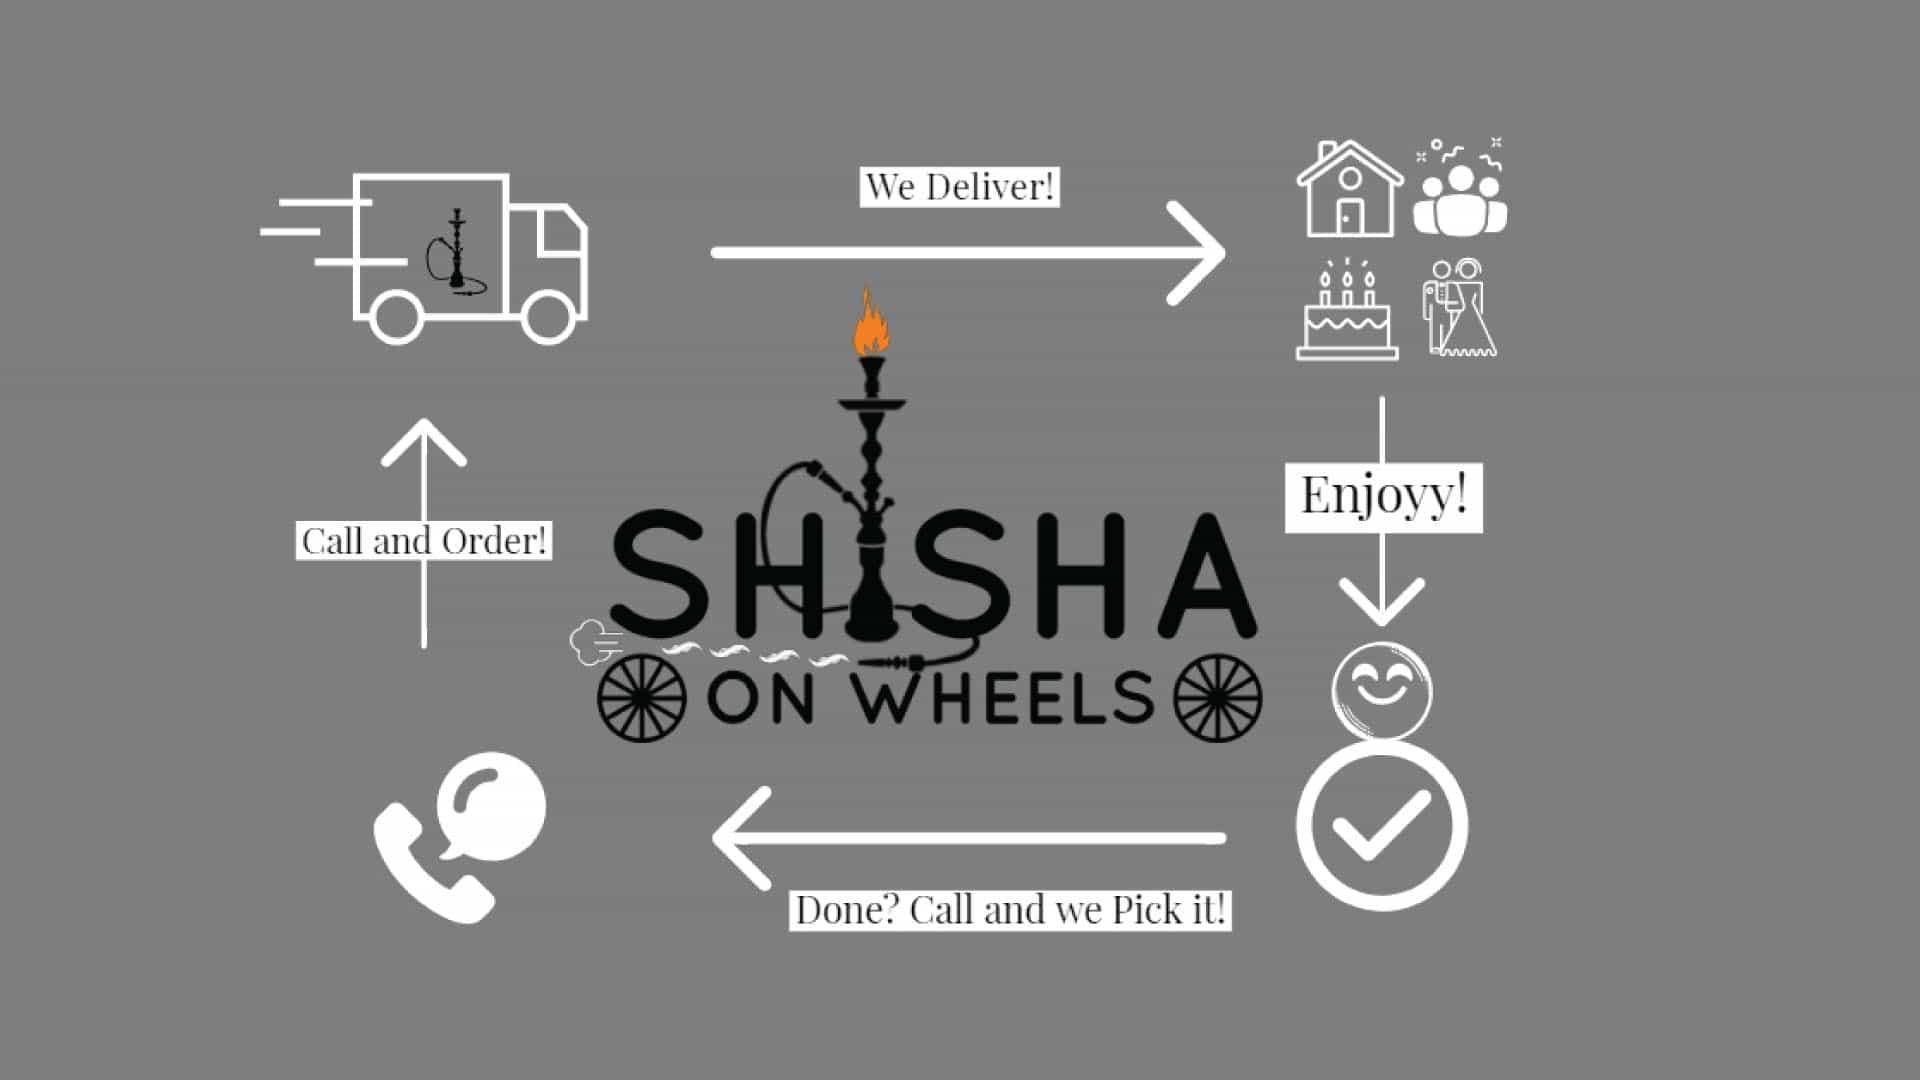 shisha delivery